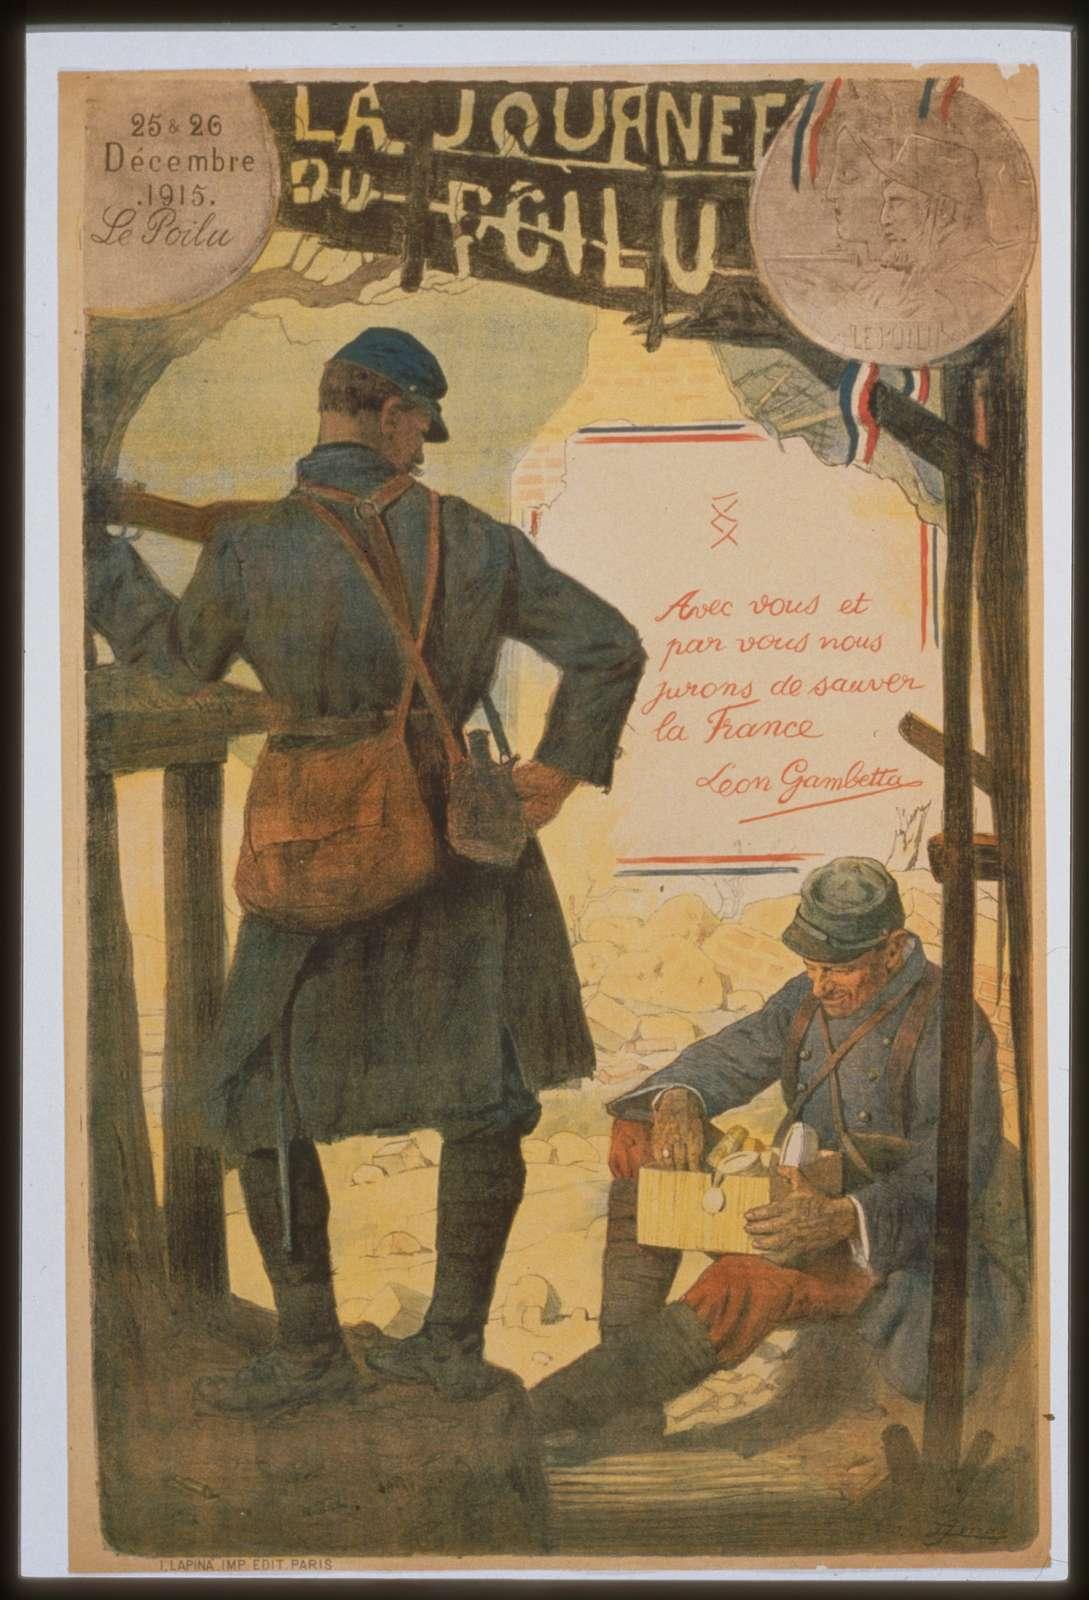 La journée du Poilu. 25-26 décembre 1915.  Avec vous et par vous, nous jurons de sauver la France. Léon Gambetta